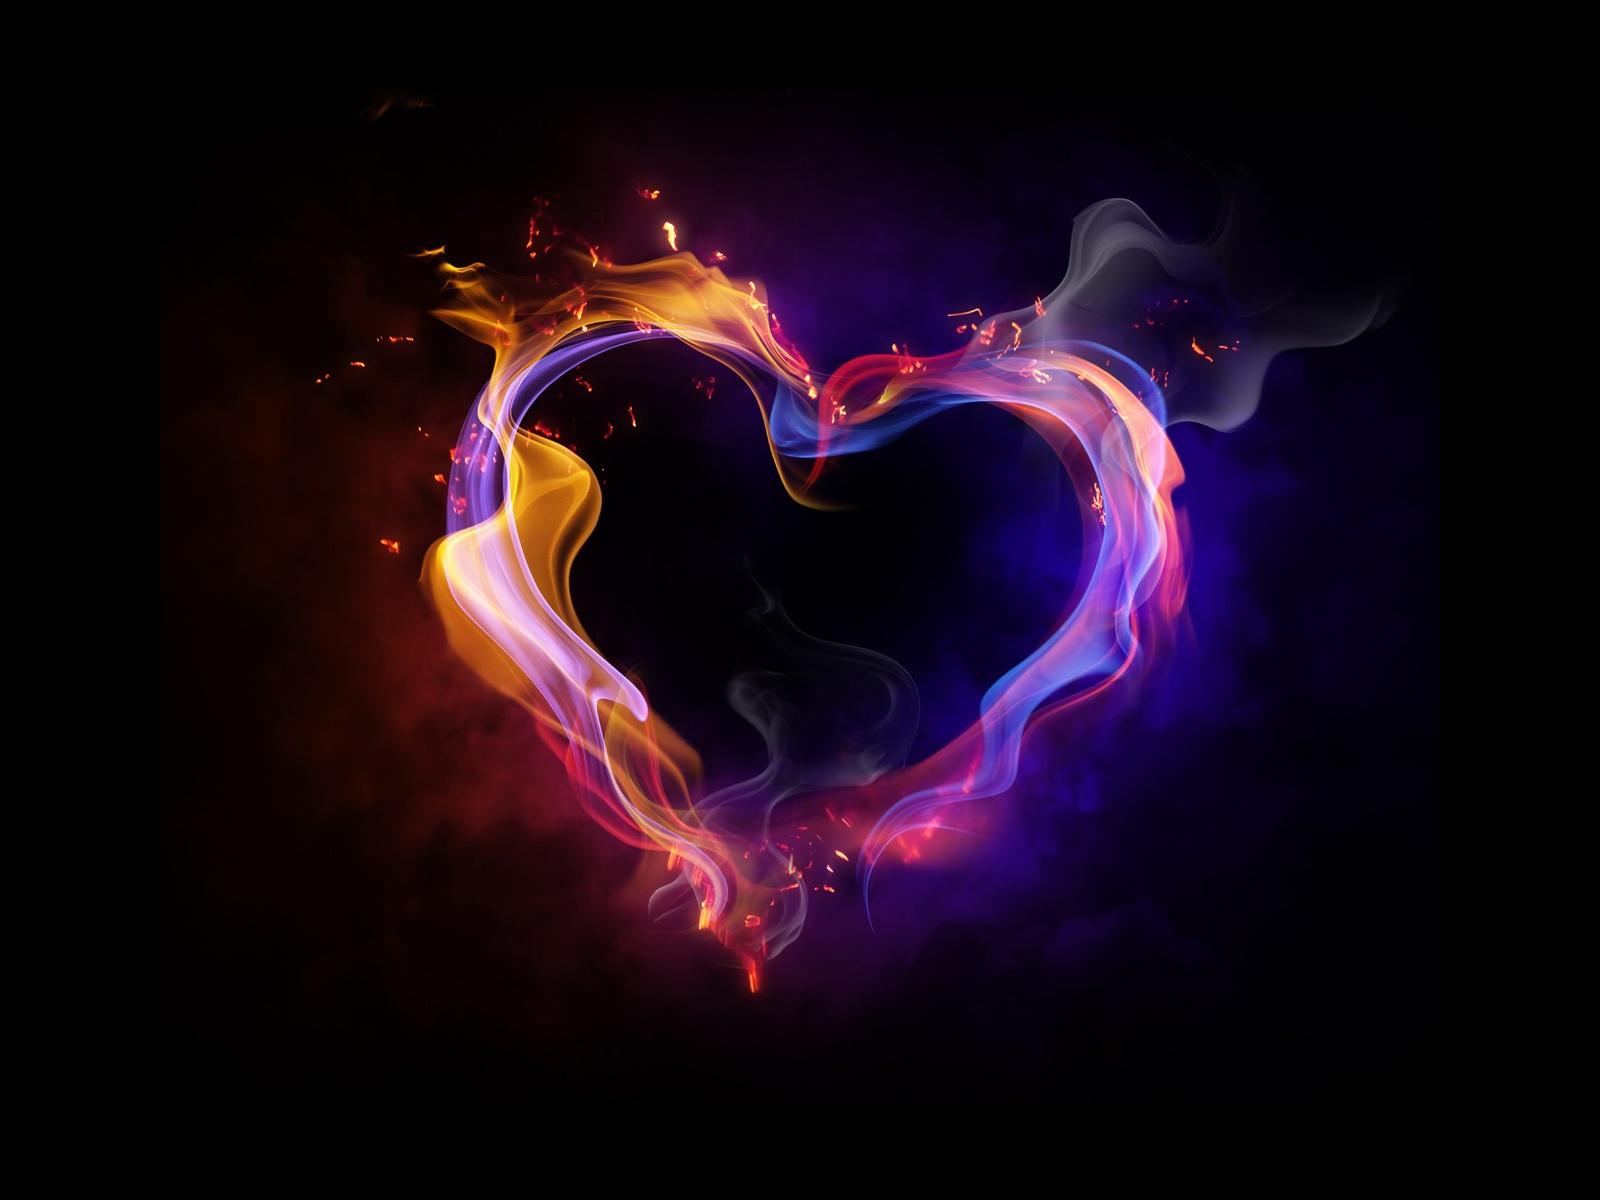 A Lit Chick: Through a Fire